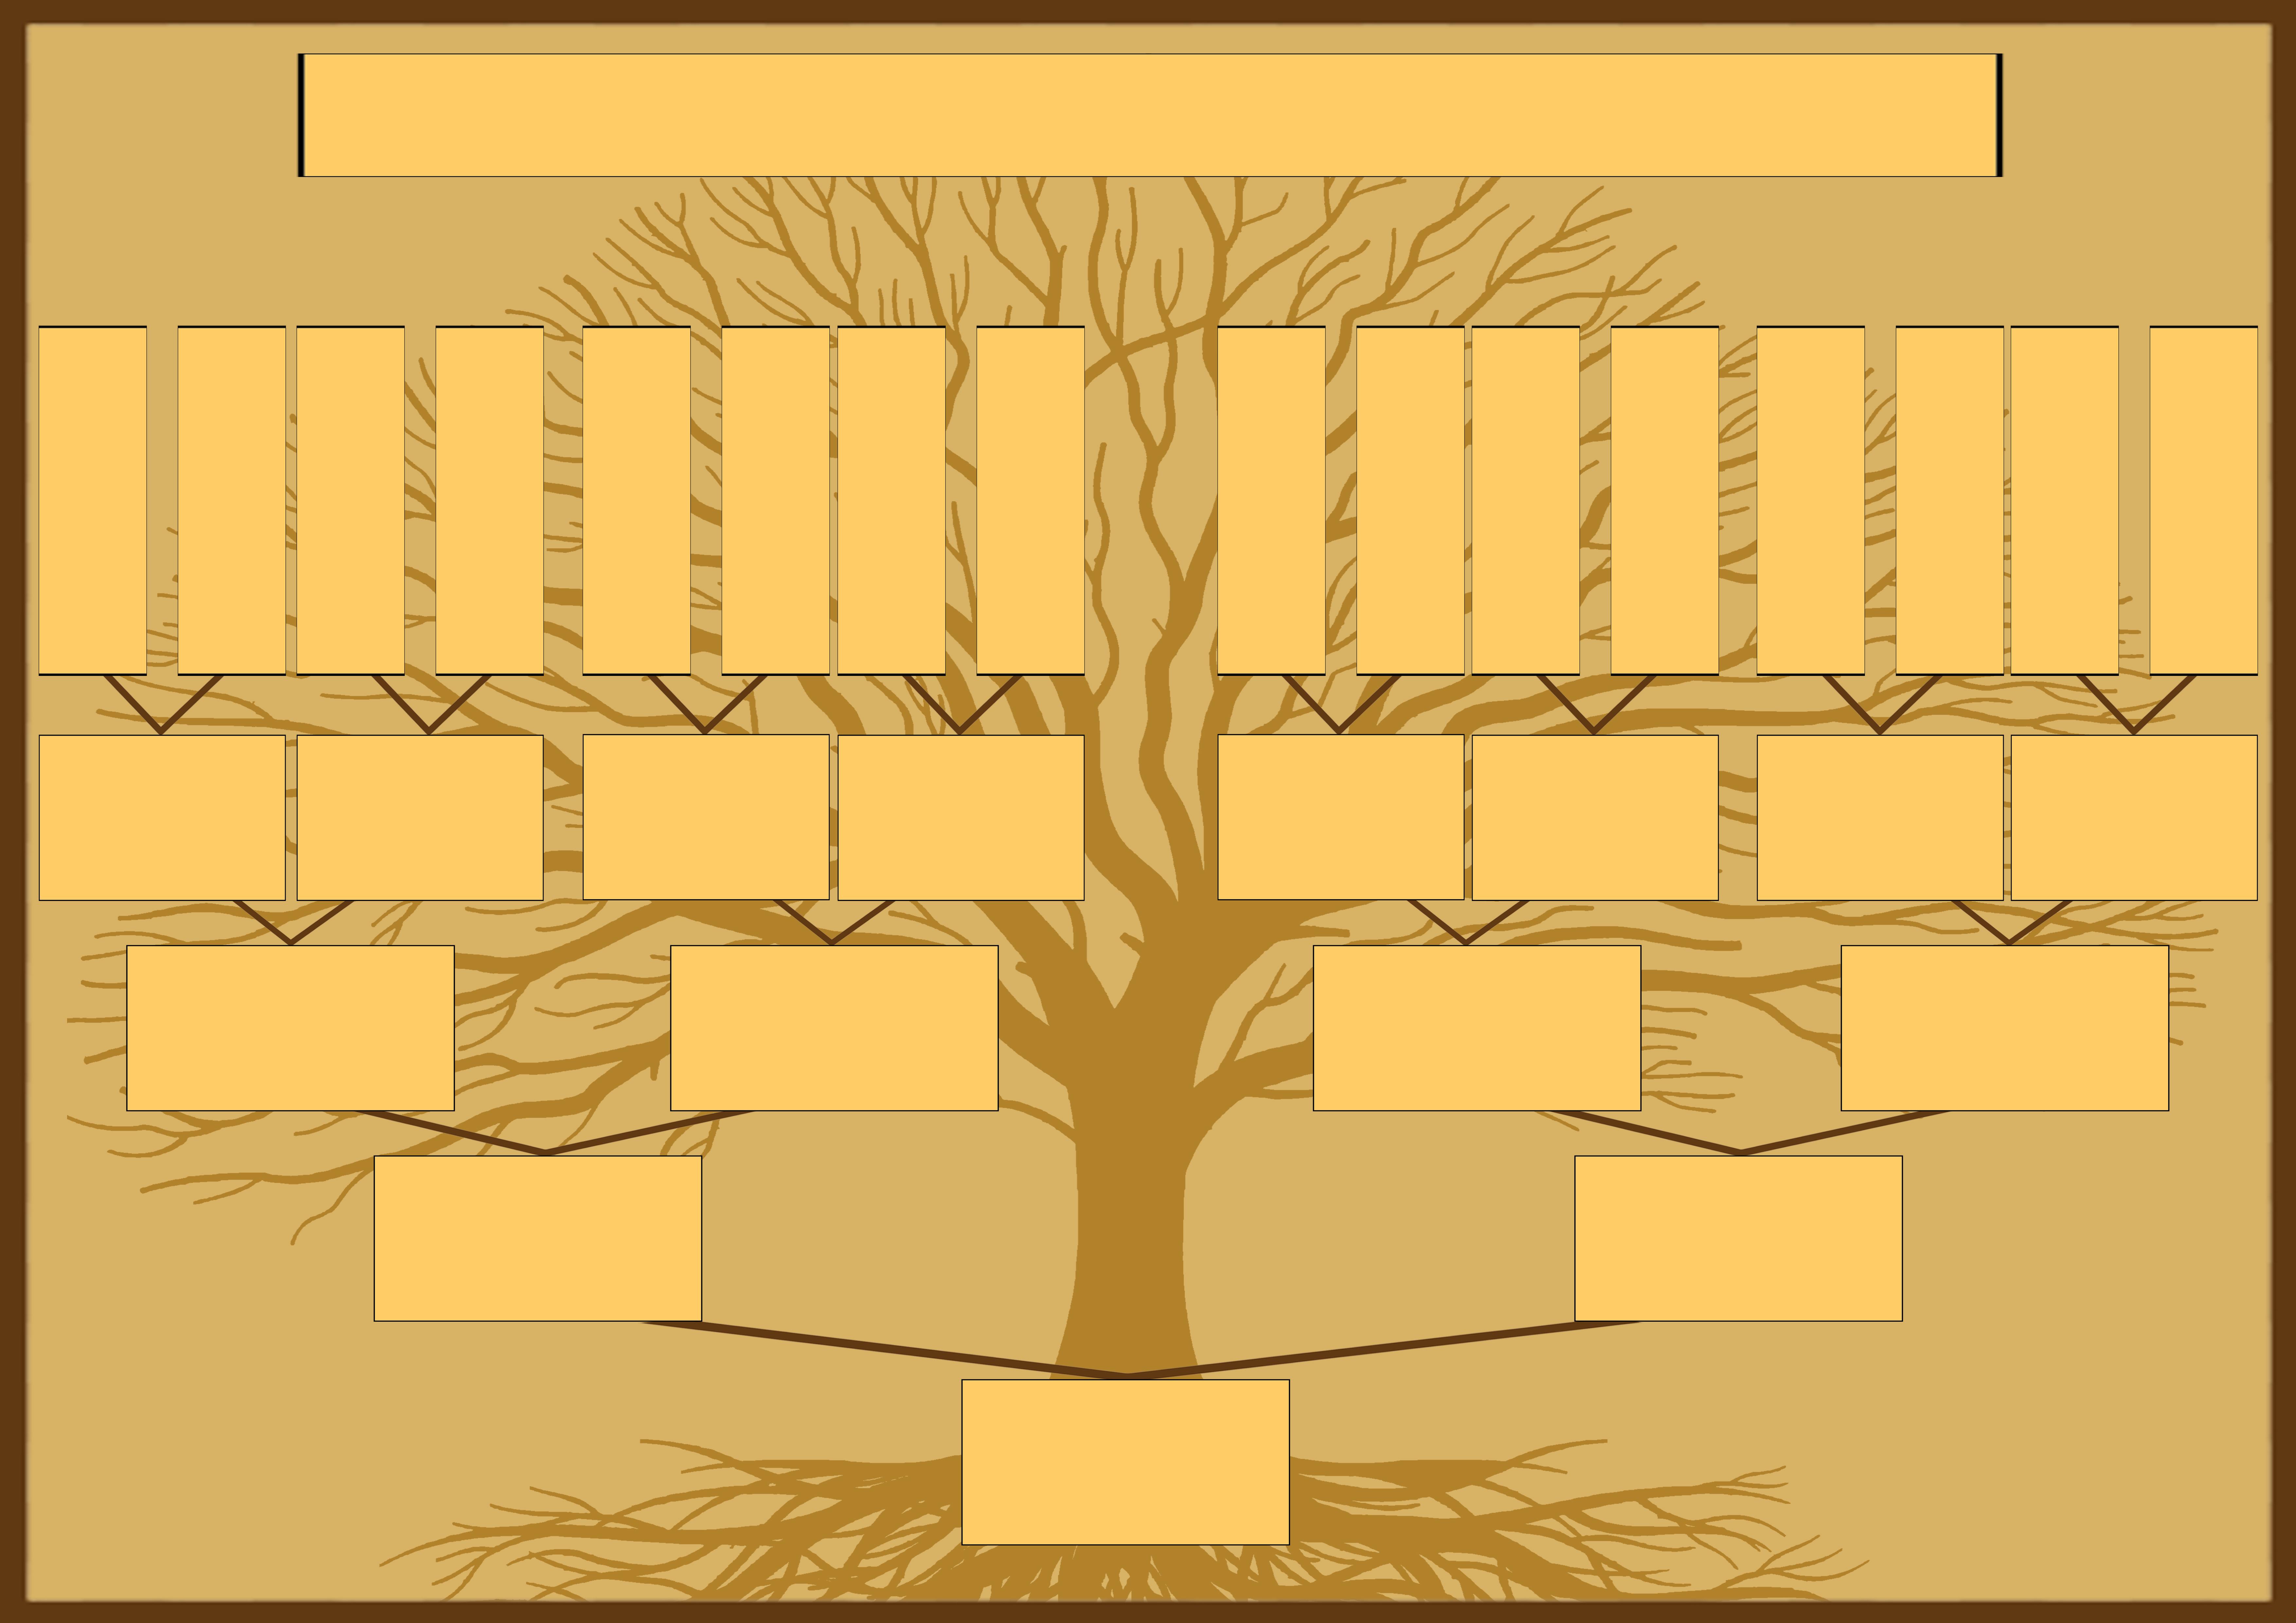 Шаблон родословного древа для самостоятельного заполнения